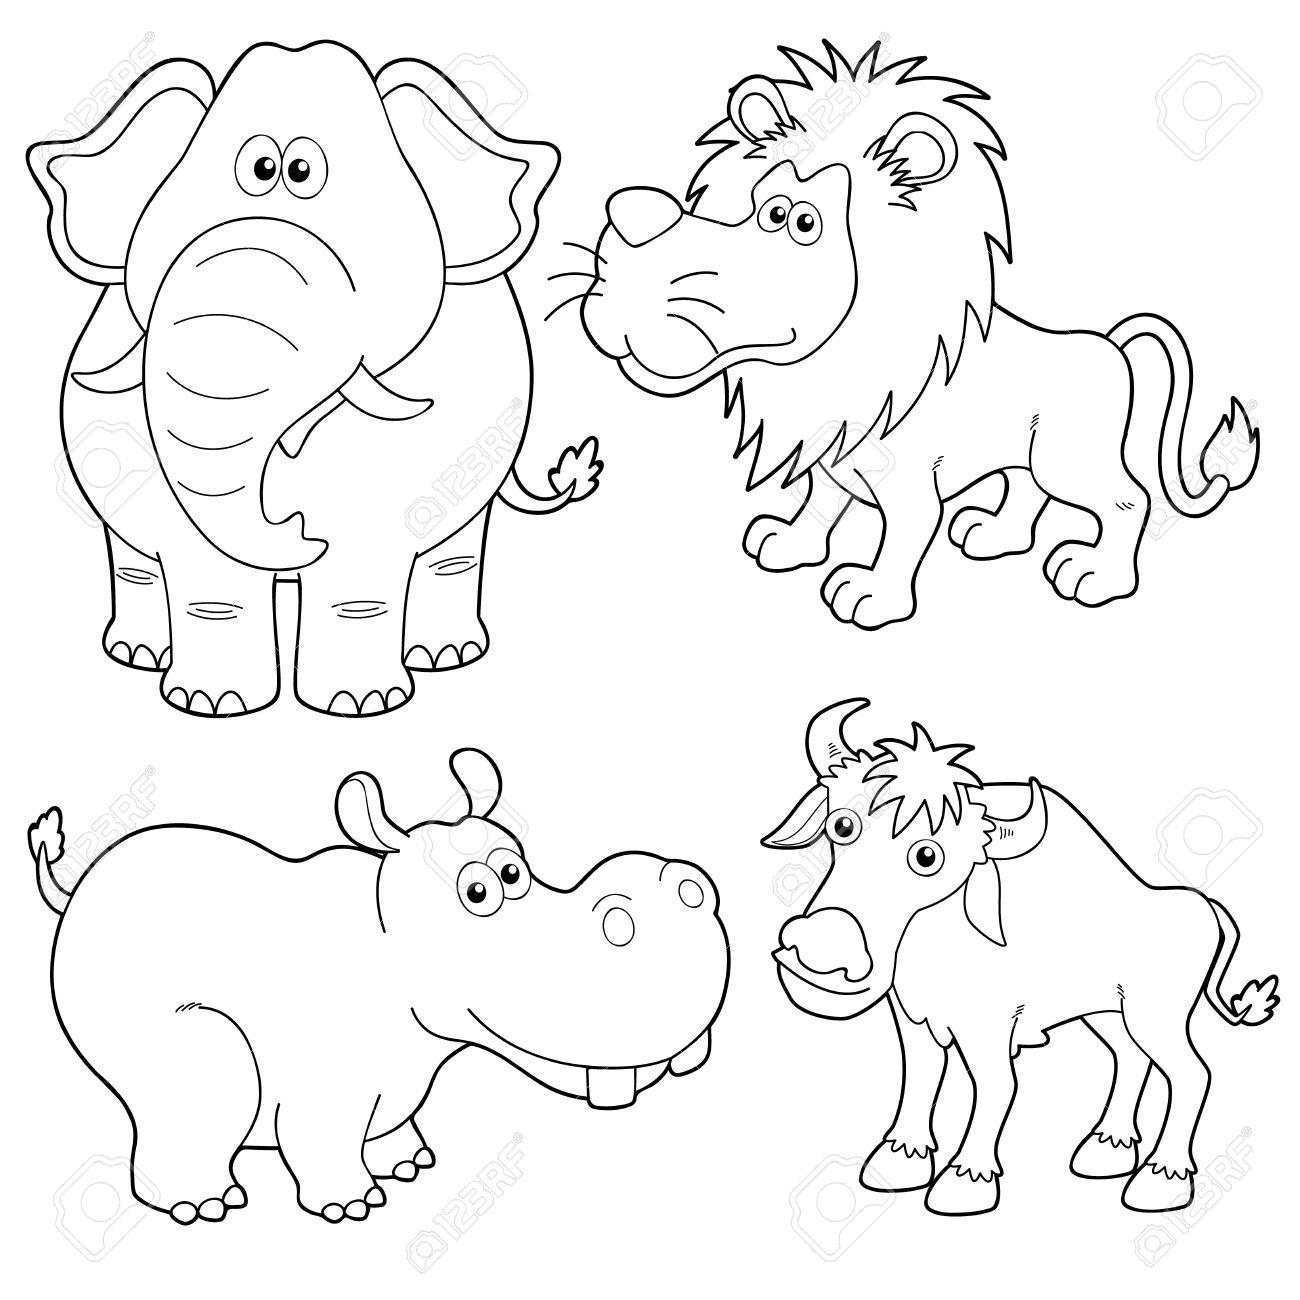 Раскраска контур животного